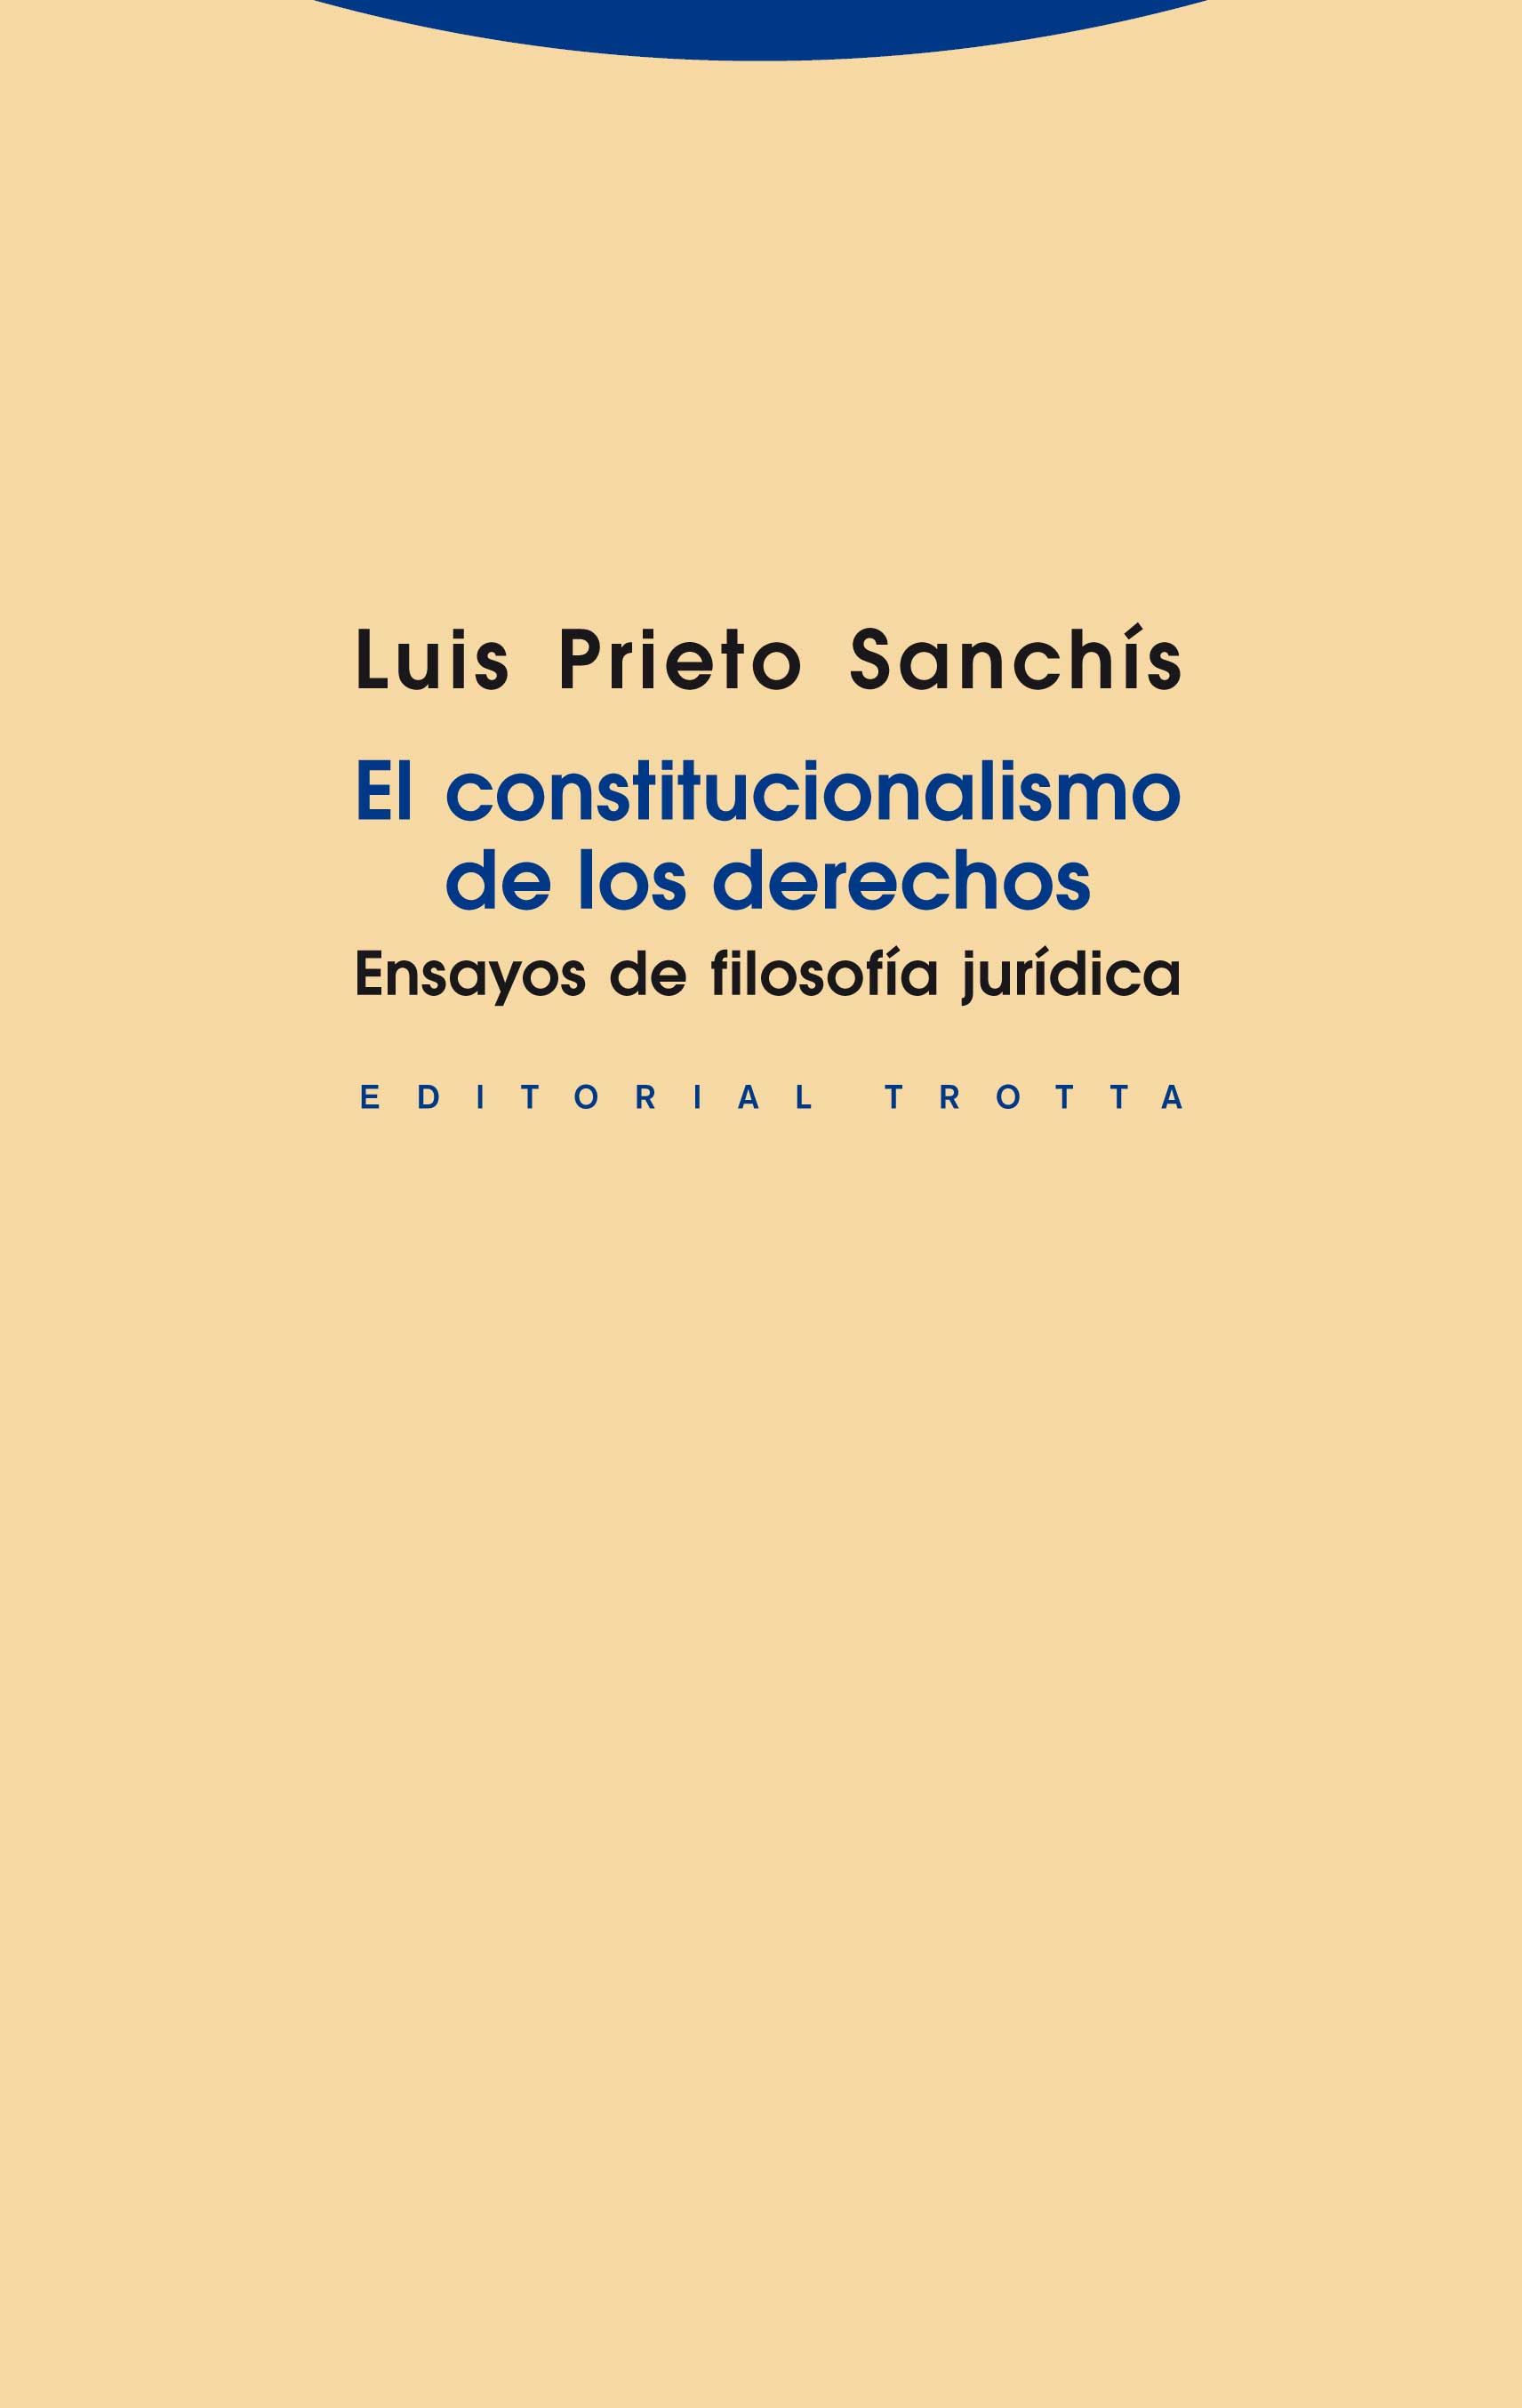 Prieto Sanchís, Luis.  El constitucionalismo de los derechos.  Trotta, 2013.